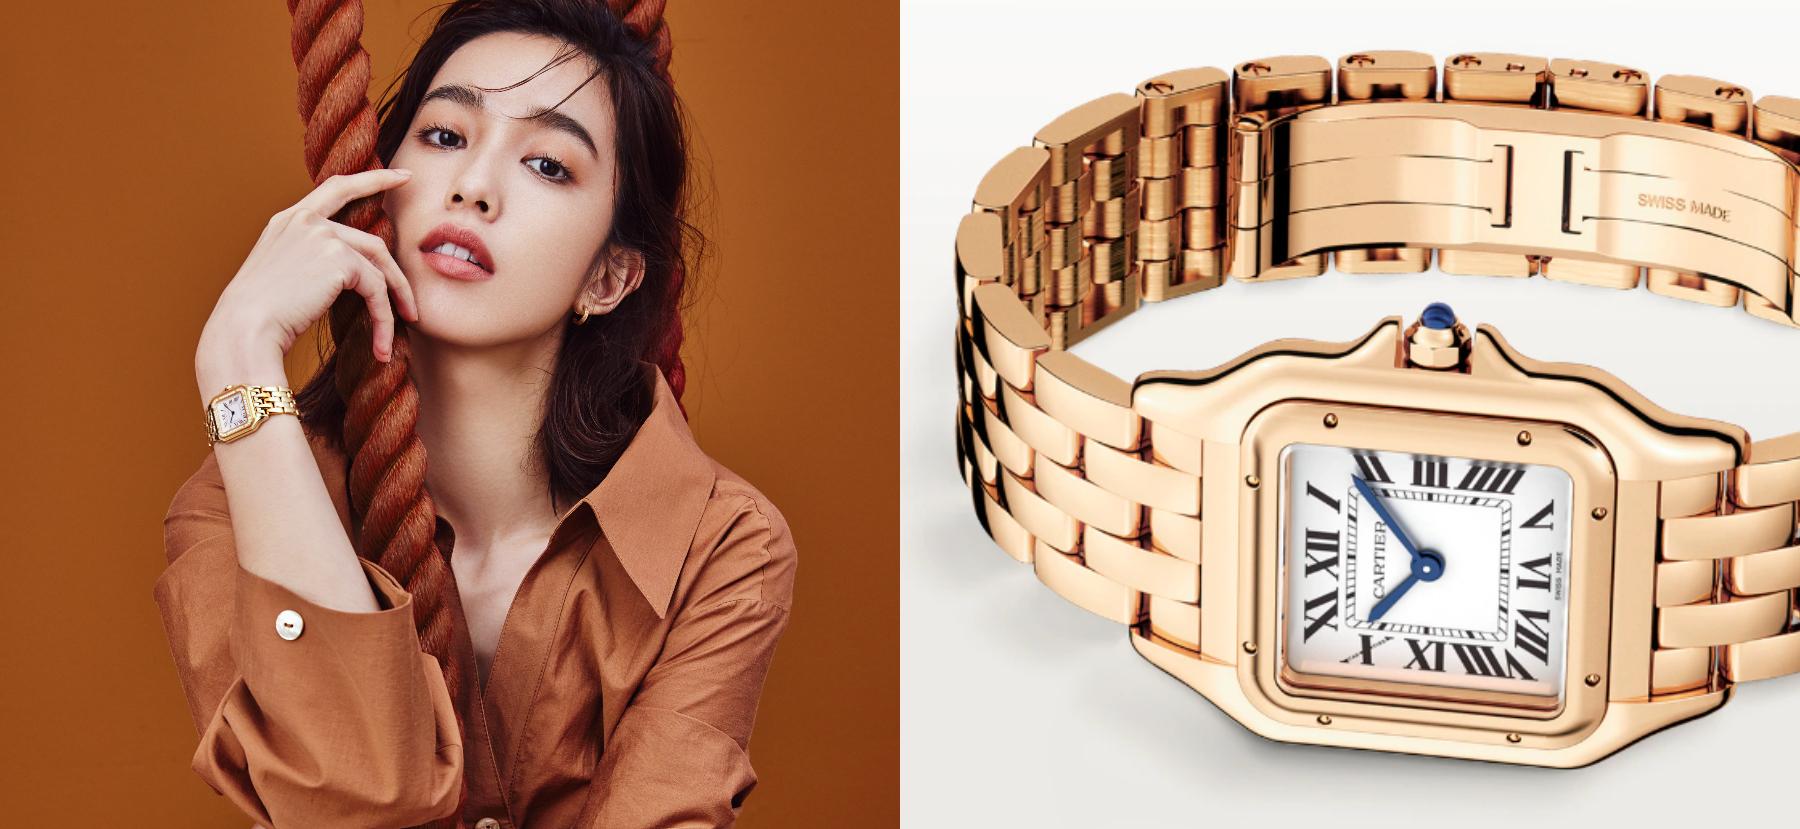 卡地亞形象大使陳庭妮 霸氣演繹經典美洲豹腕錶